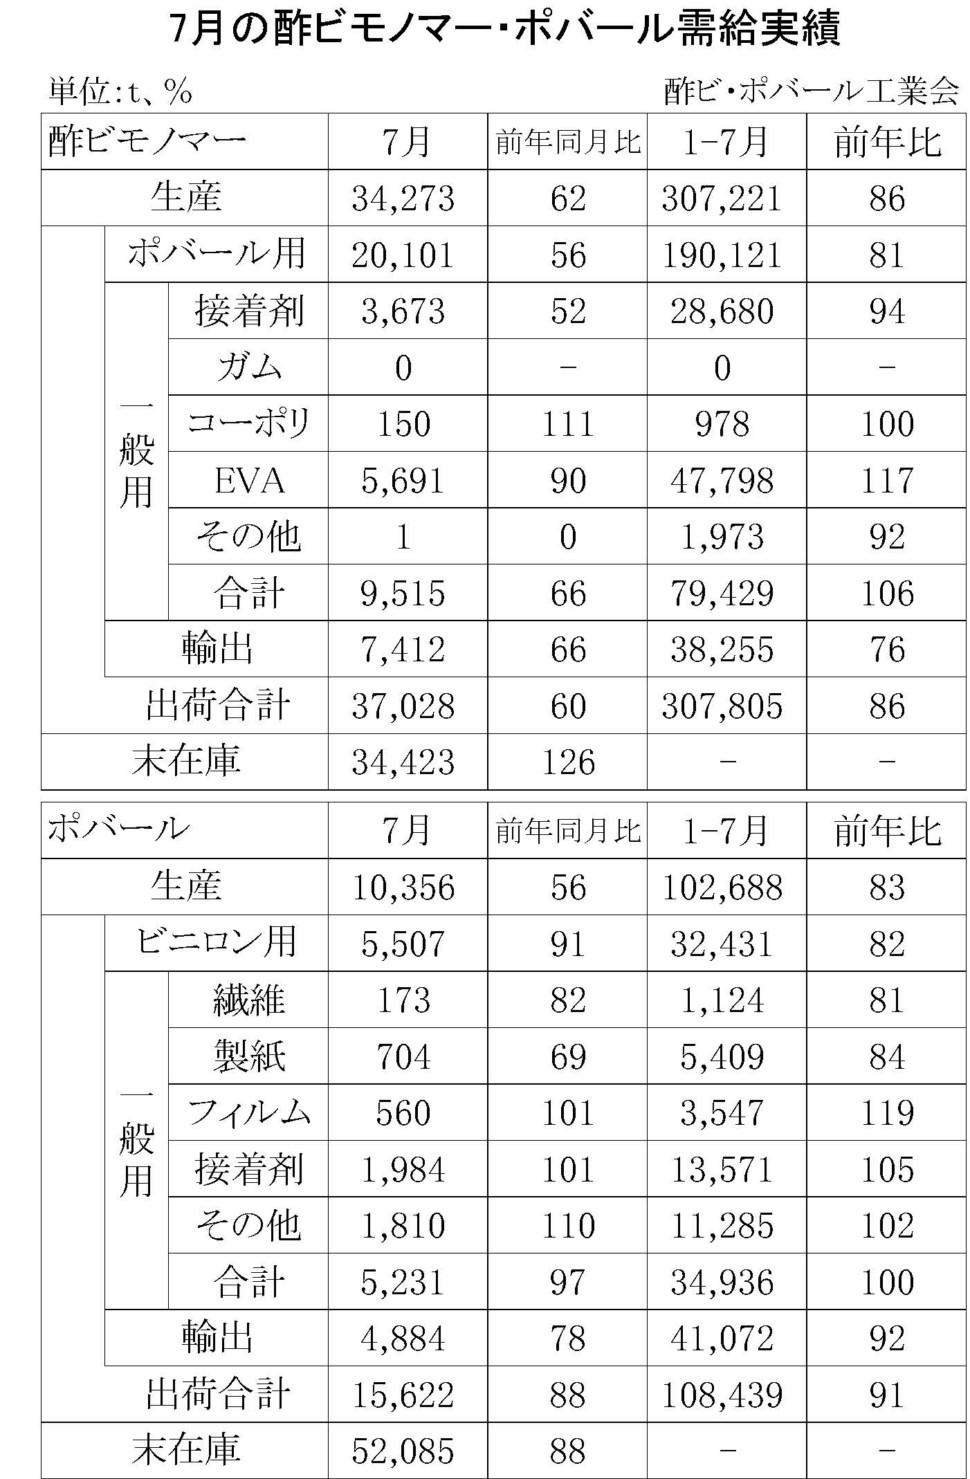 7月の酢ビモノマー・ポバール需給実績